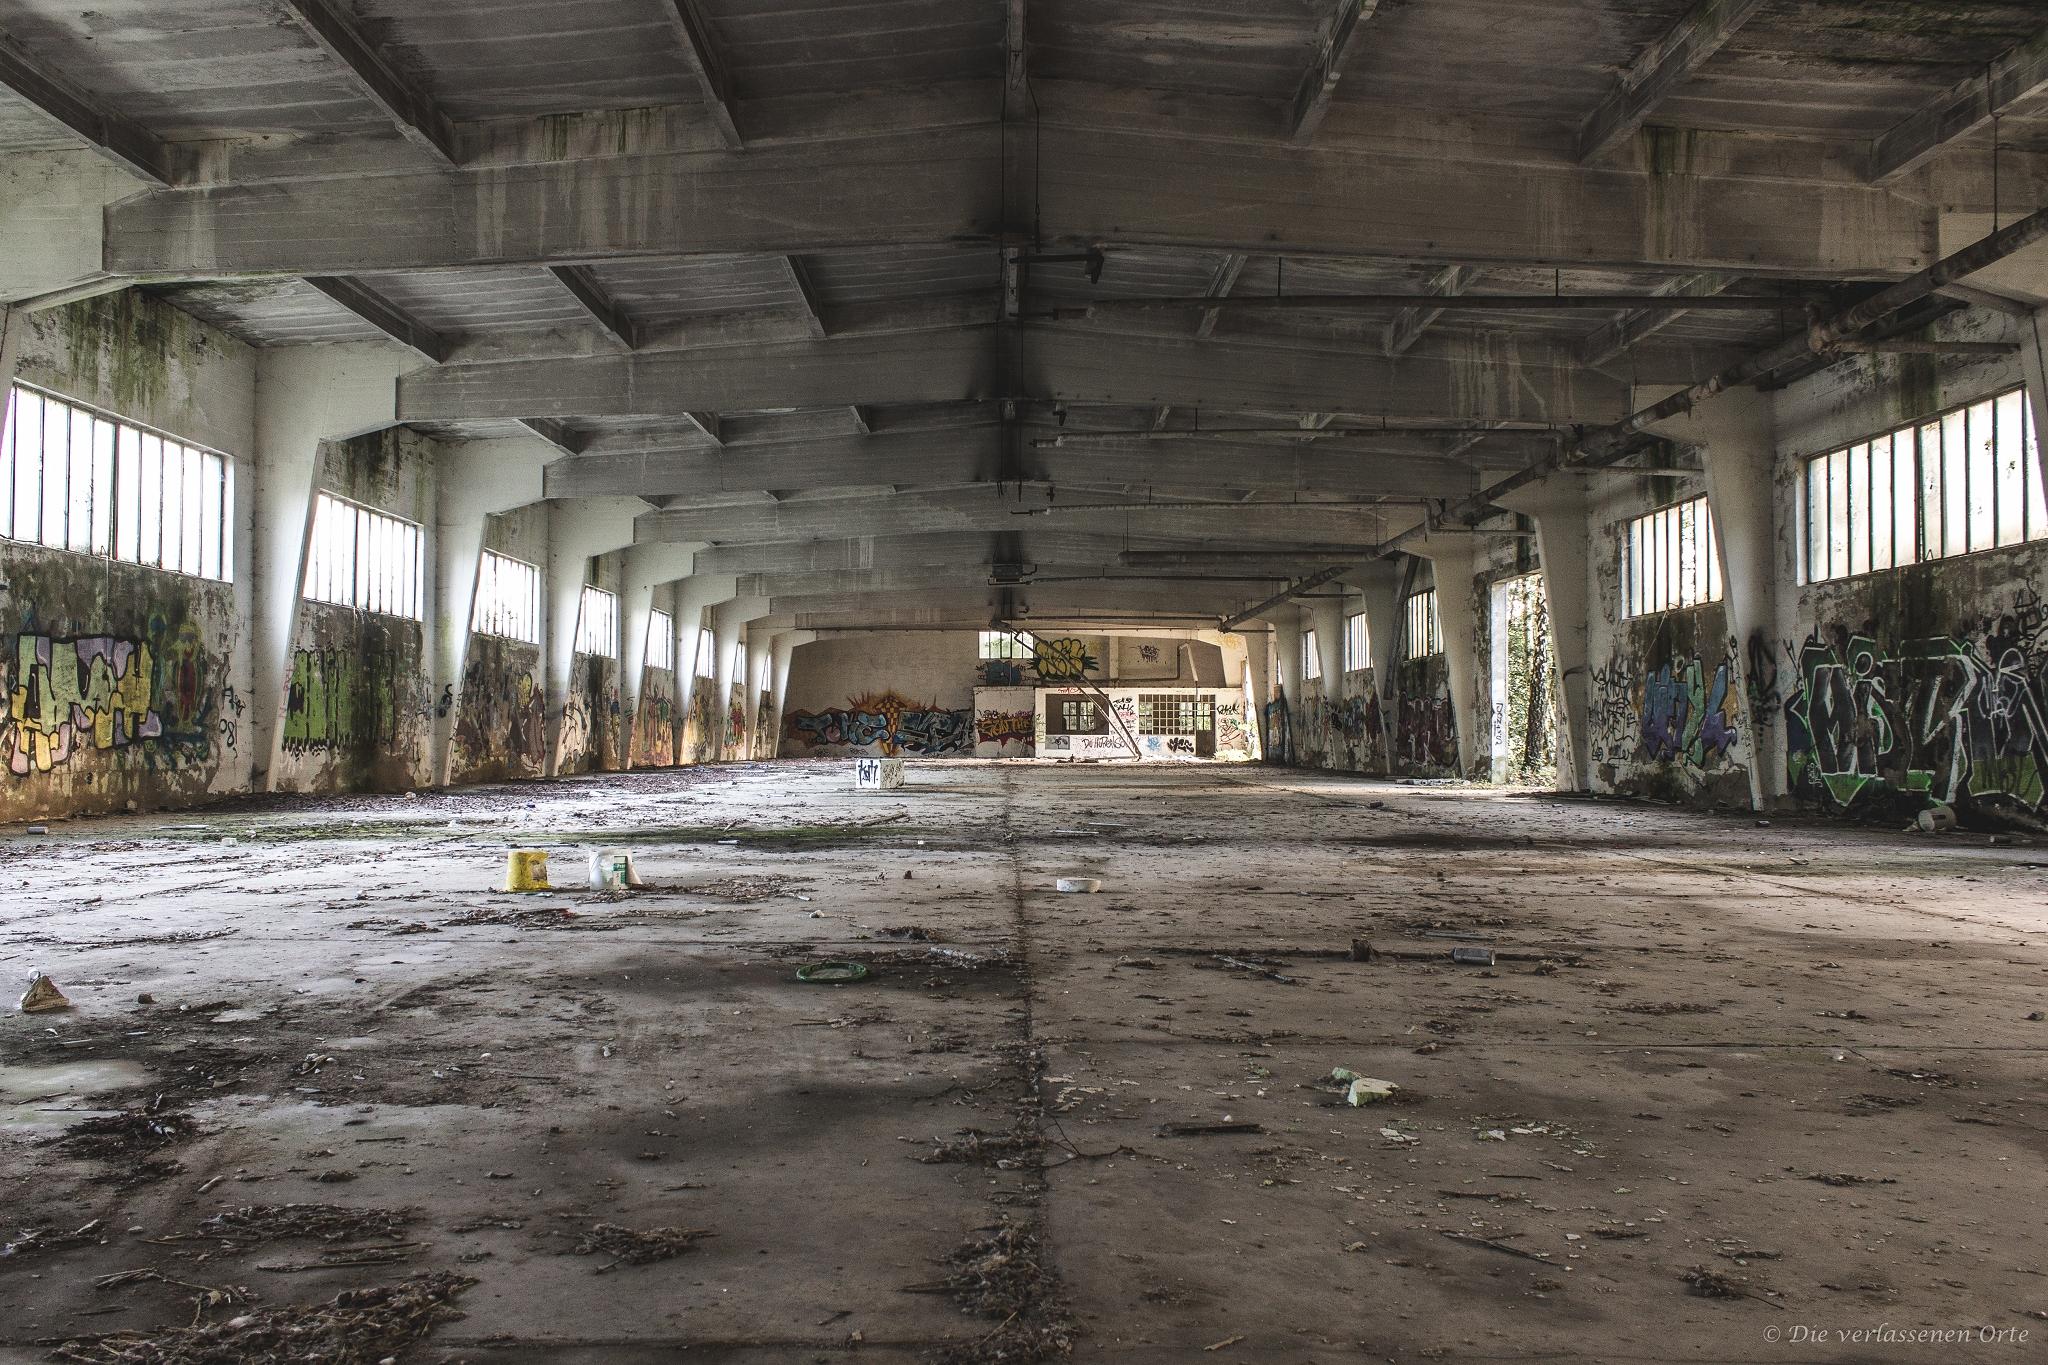 Orte aachen verlassene Verlassene fabriken